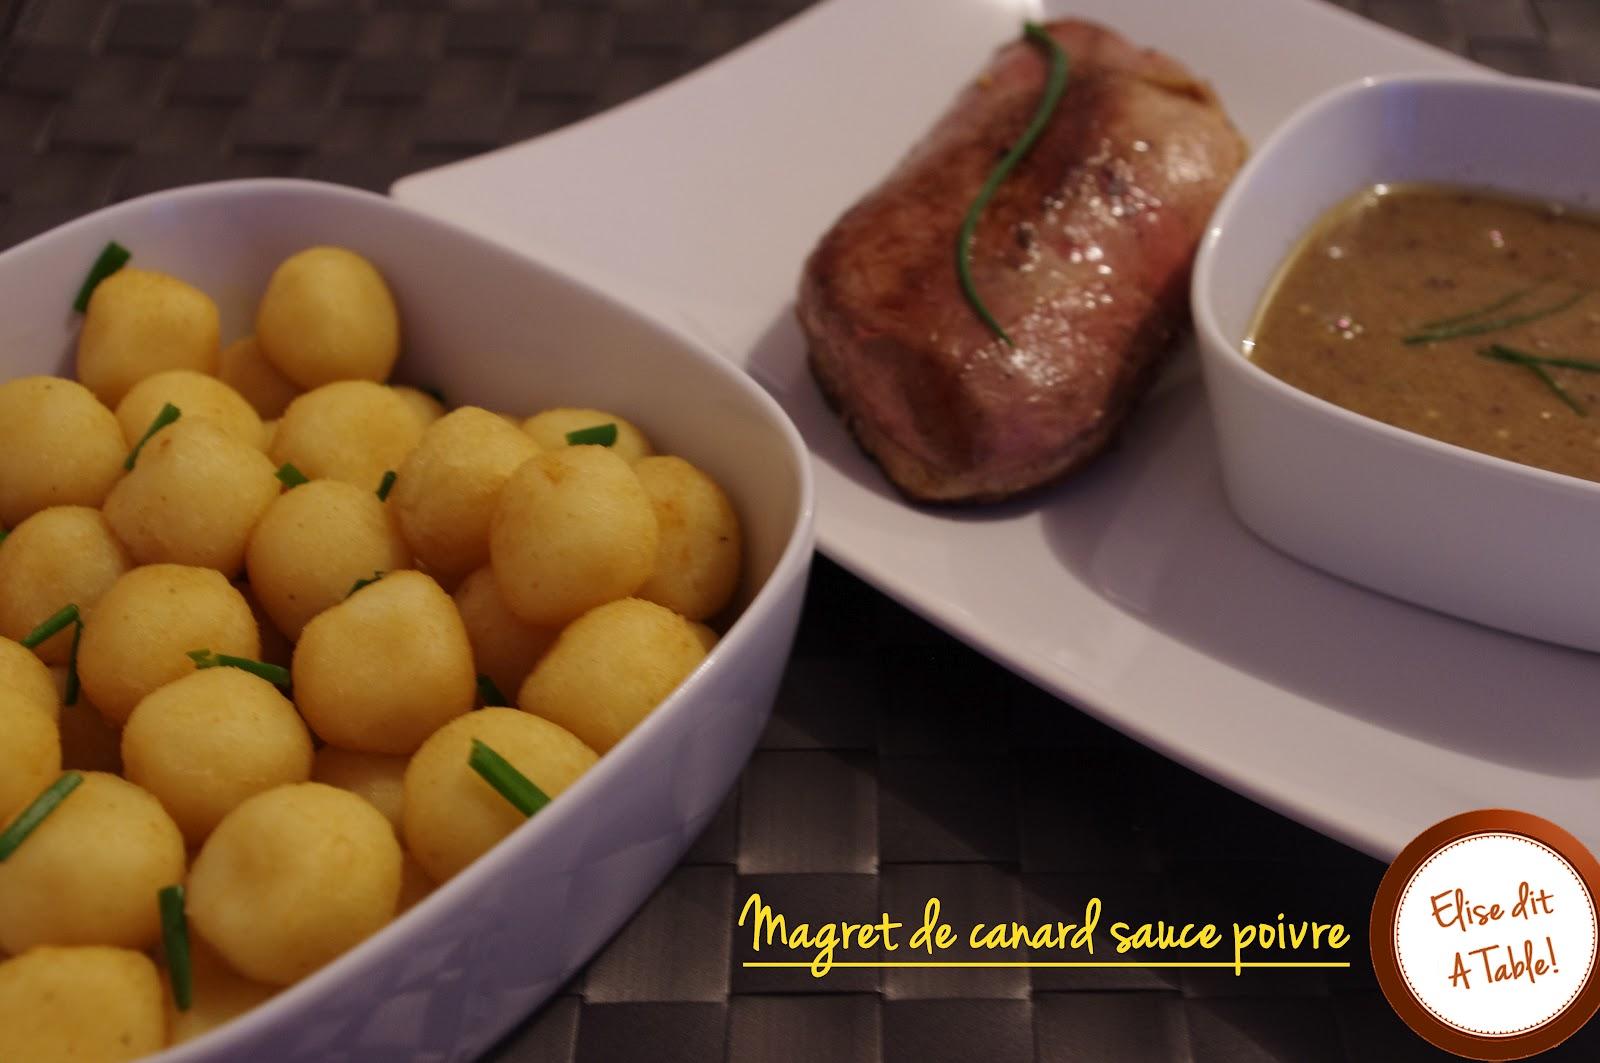 recette magret de canard sauce poivre blog cuisine. Black Bedroom Furniture Sets. Home Design Ideas